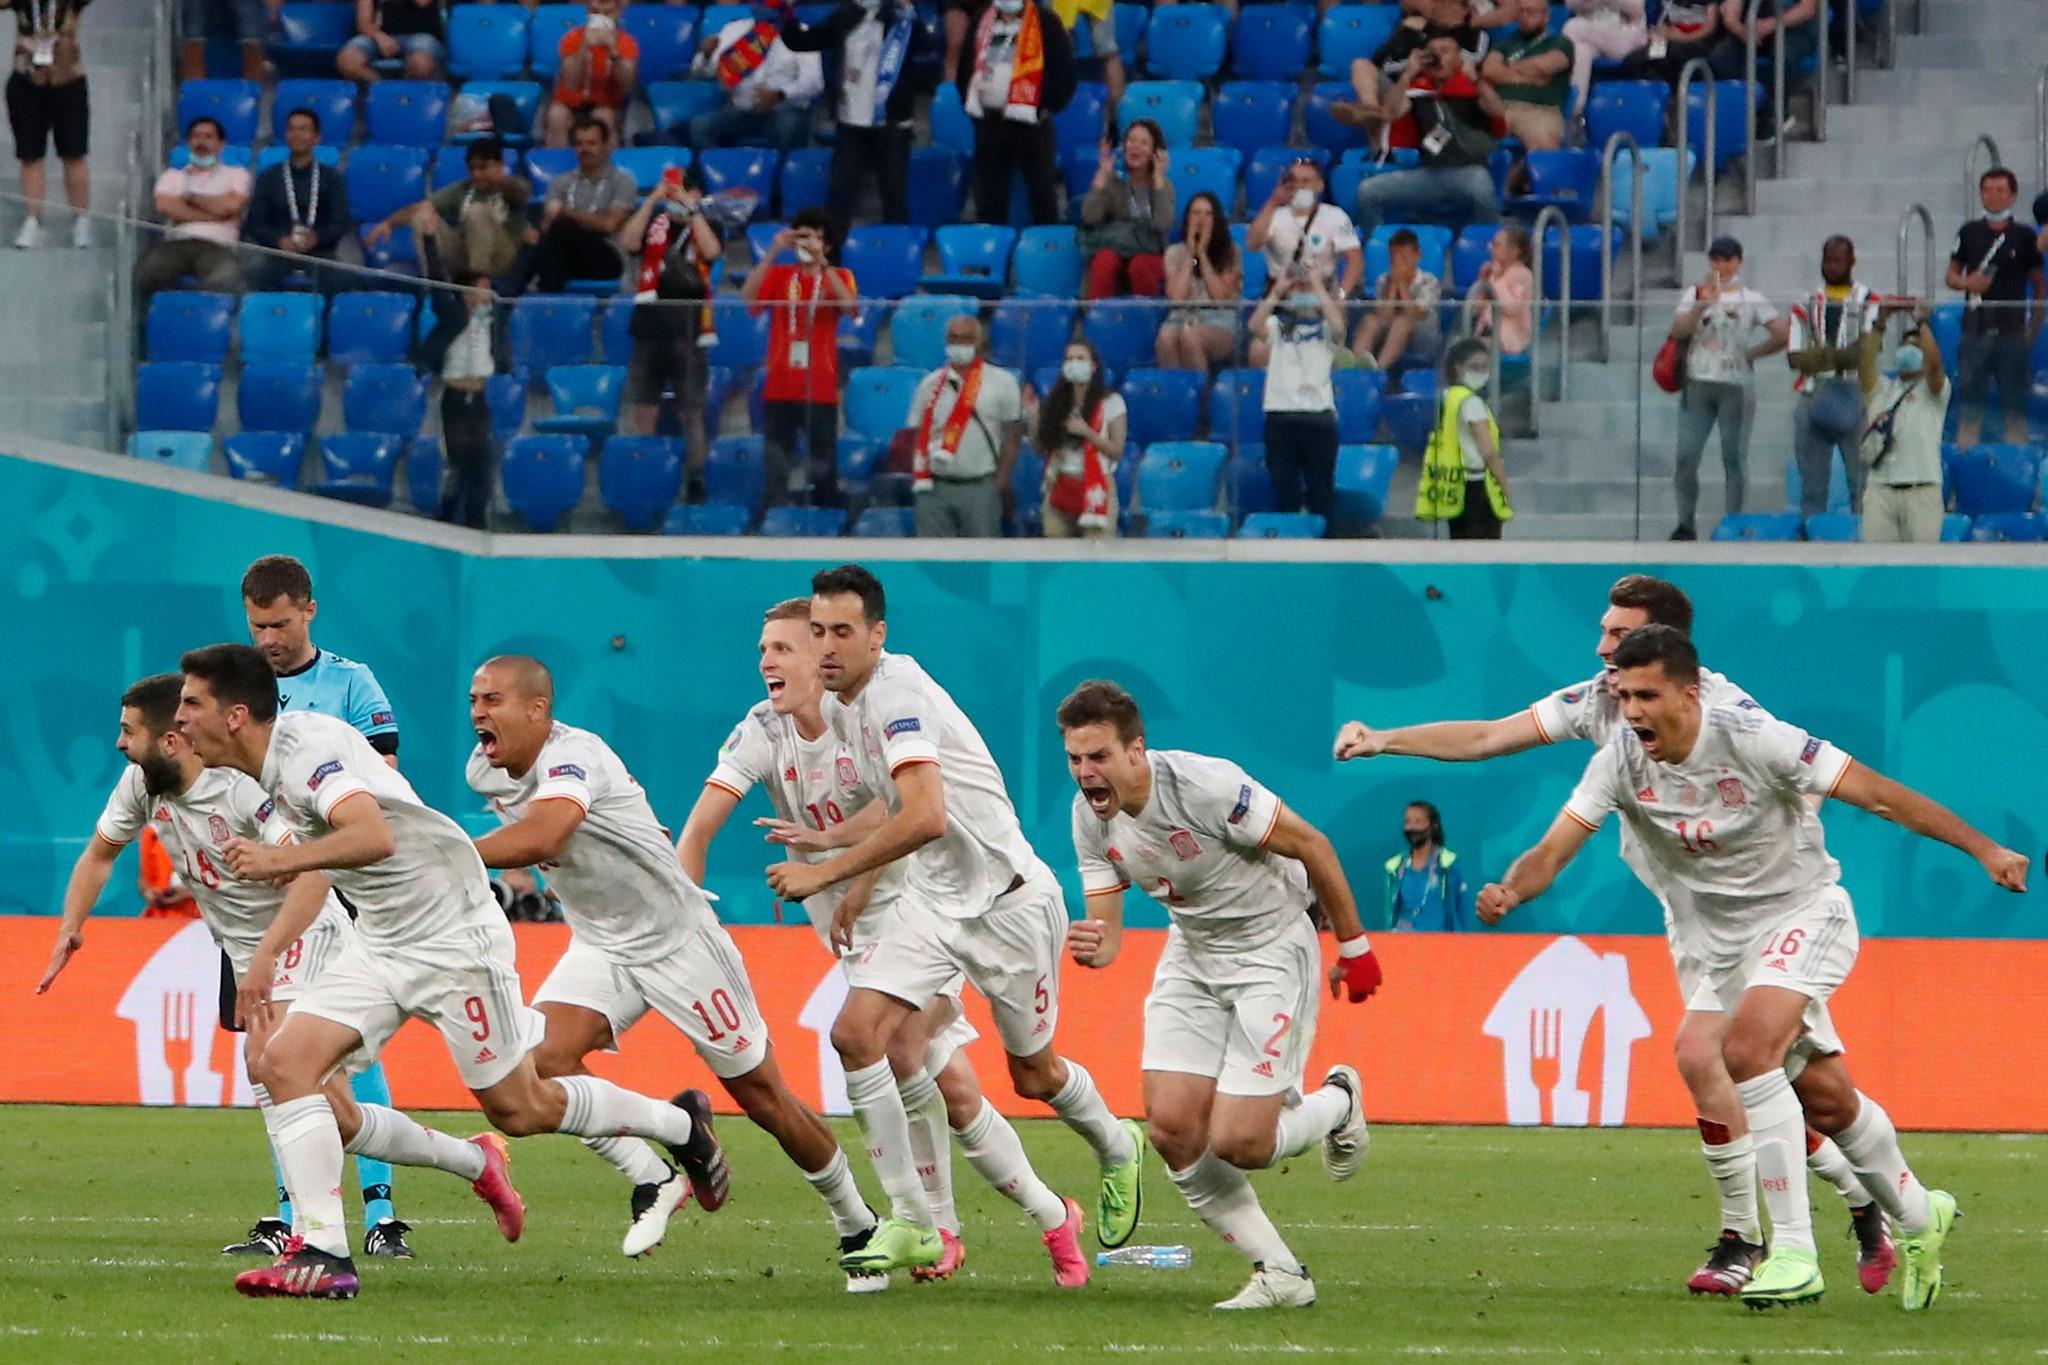 歐洲杯-西班牙PK勝瑞士晉級4強Pedri-SPORT598體育新聞6632